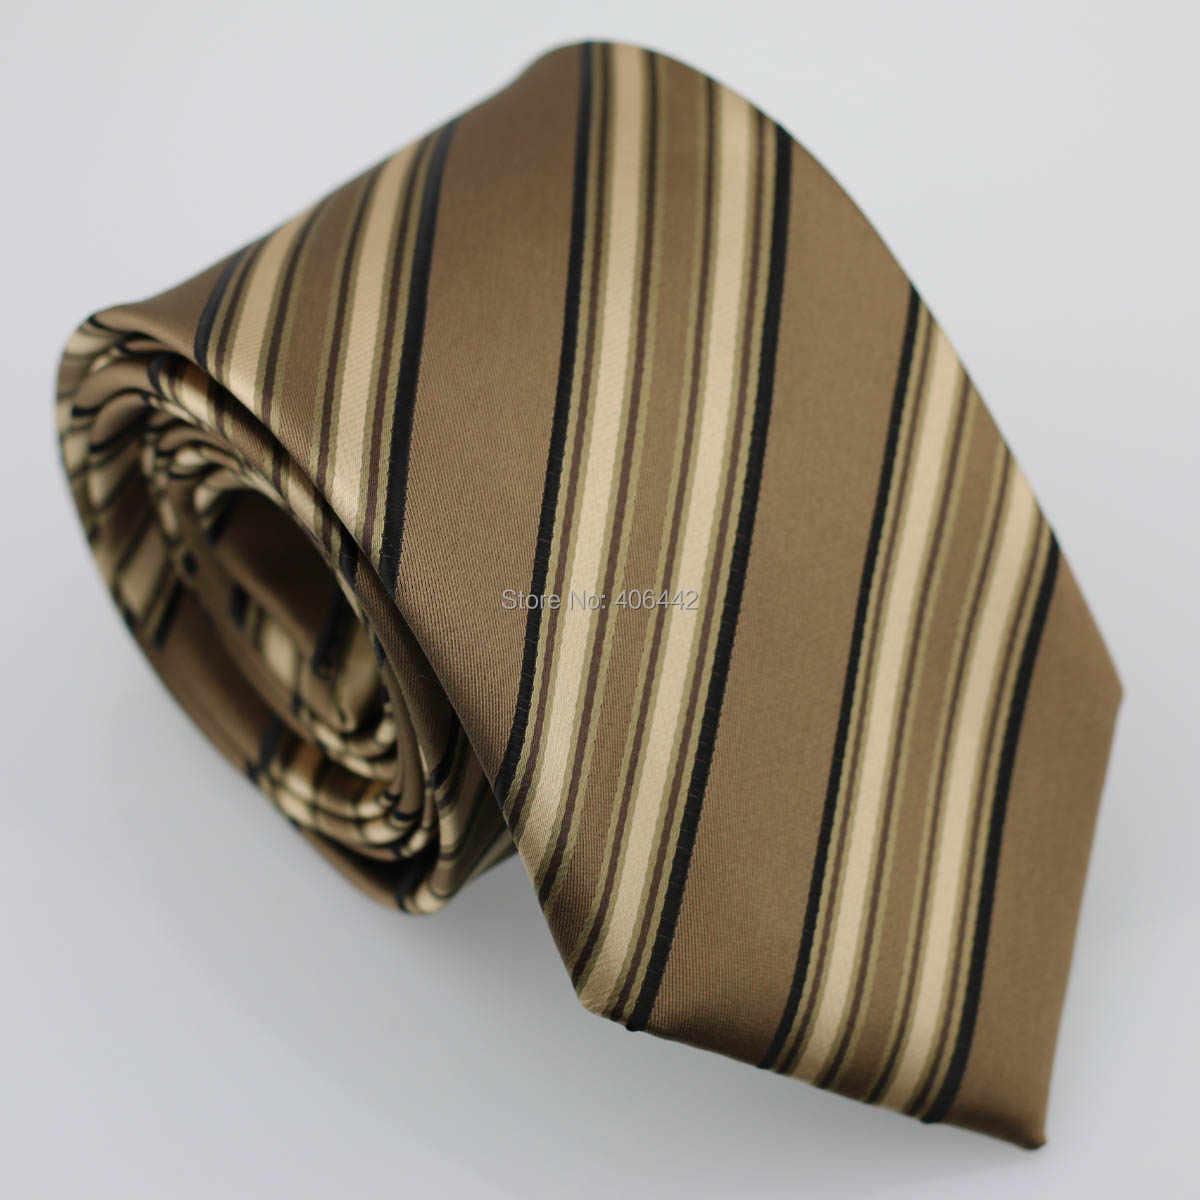 Coachella pria Kopi Dengan Tan Hitam Diagonal Stripes Jacquard Woven Dasi Formal Neck Tie untuk pria berpakaian kemeja pernikahan